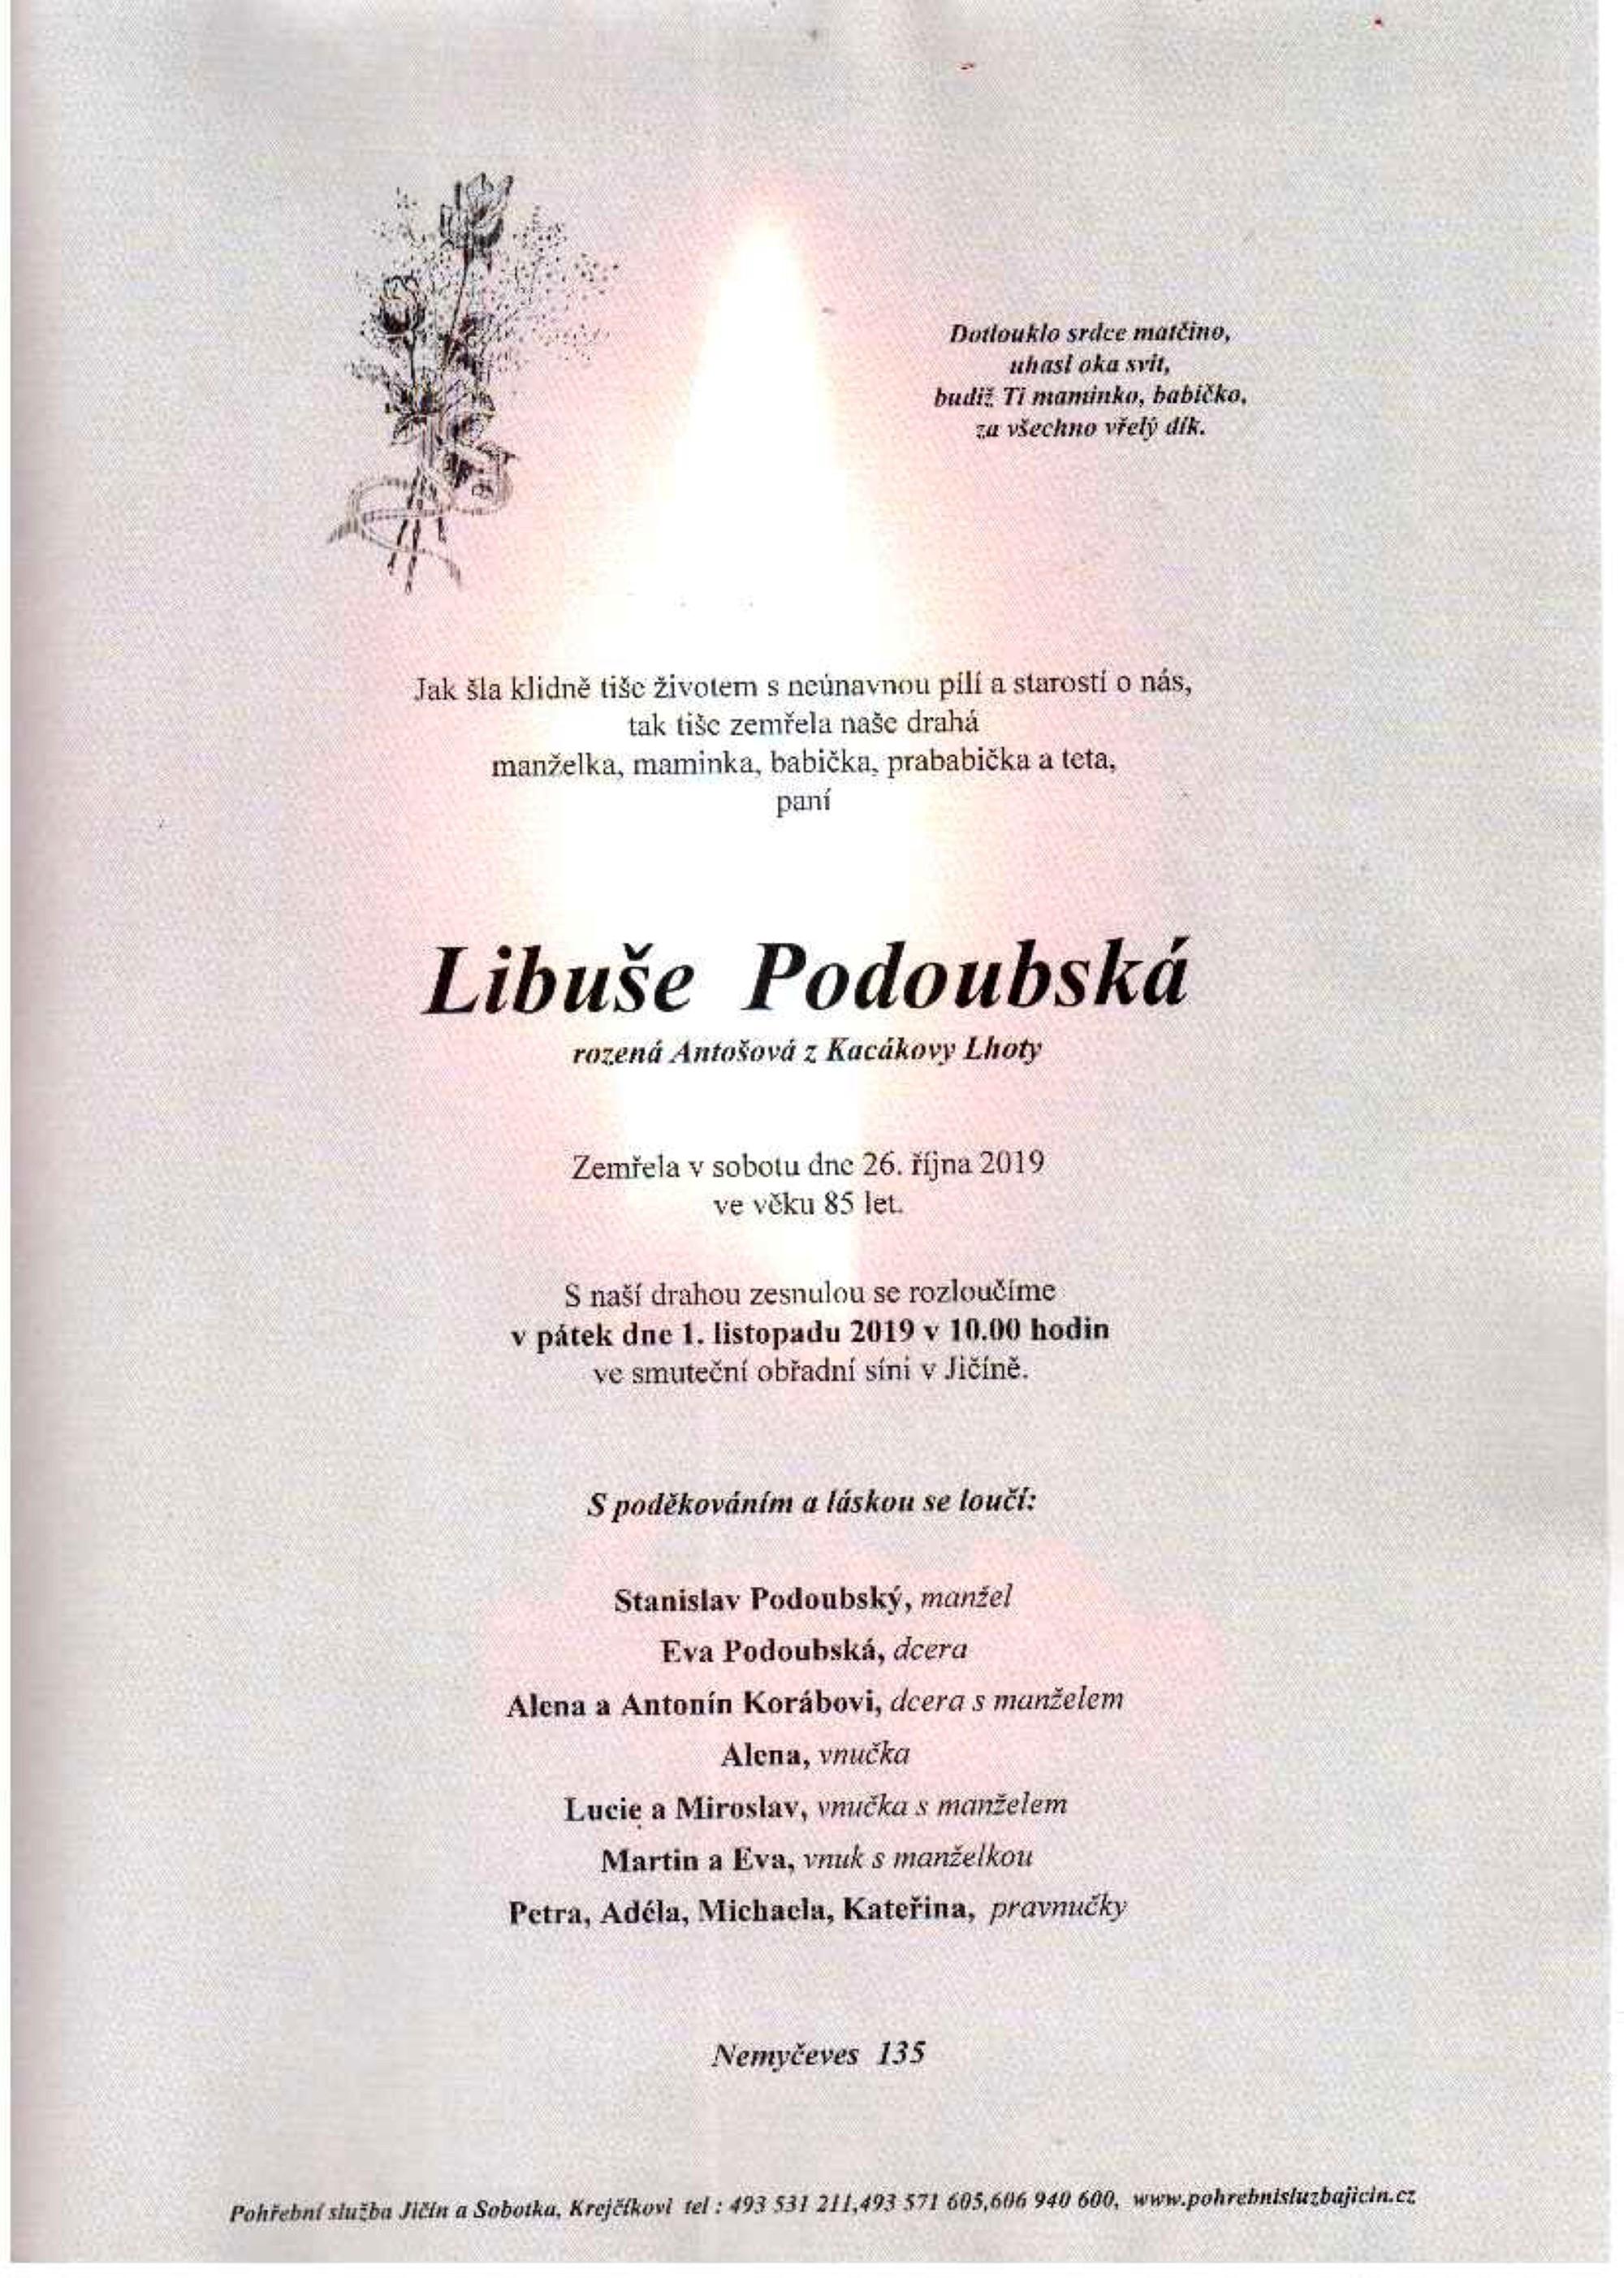 Libuše Podoubská